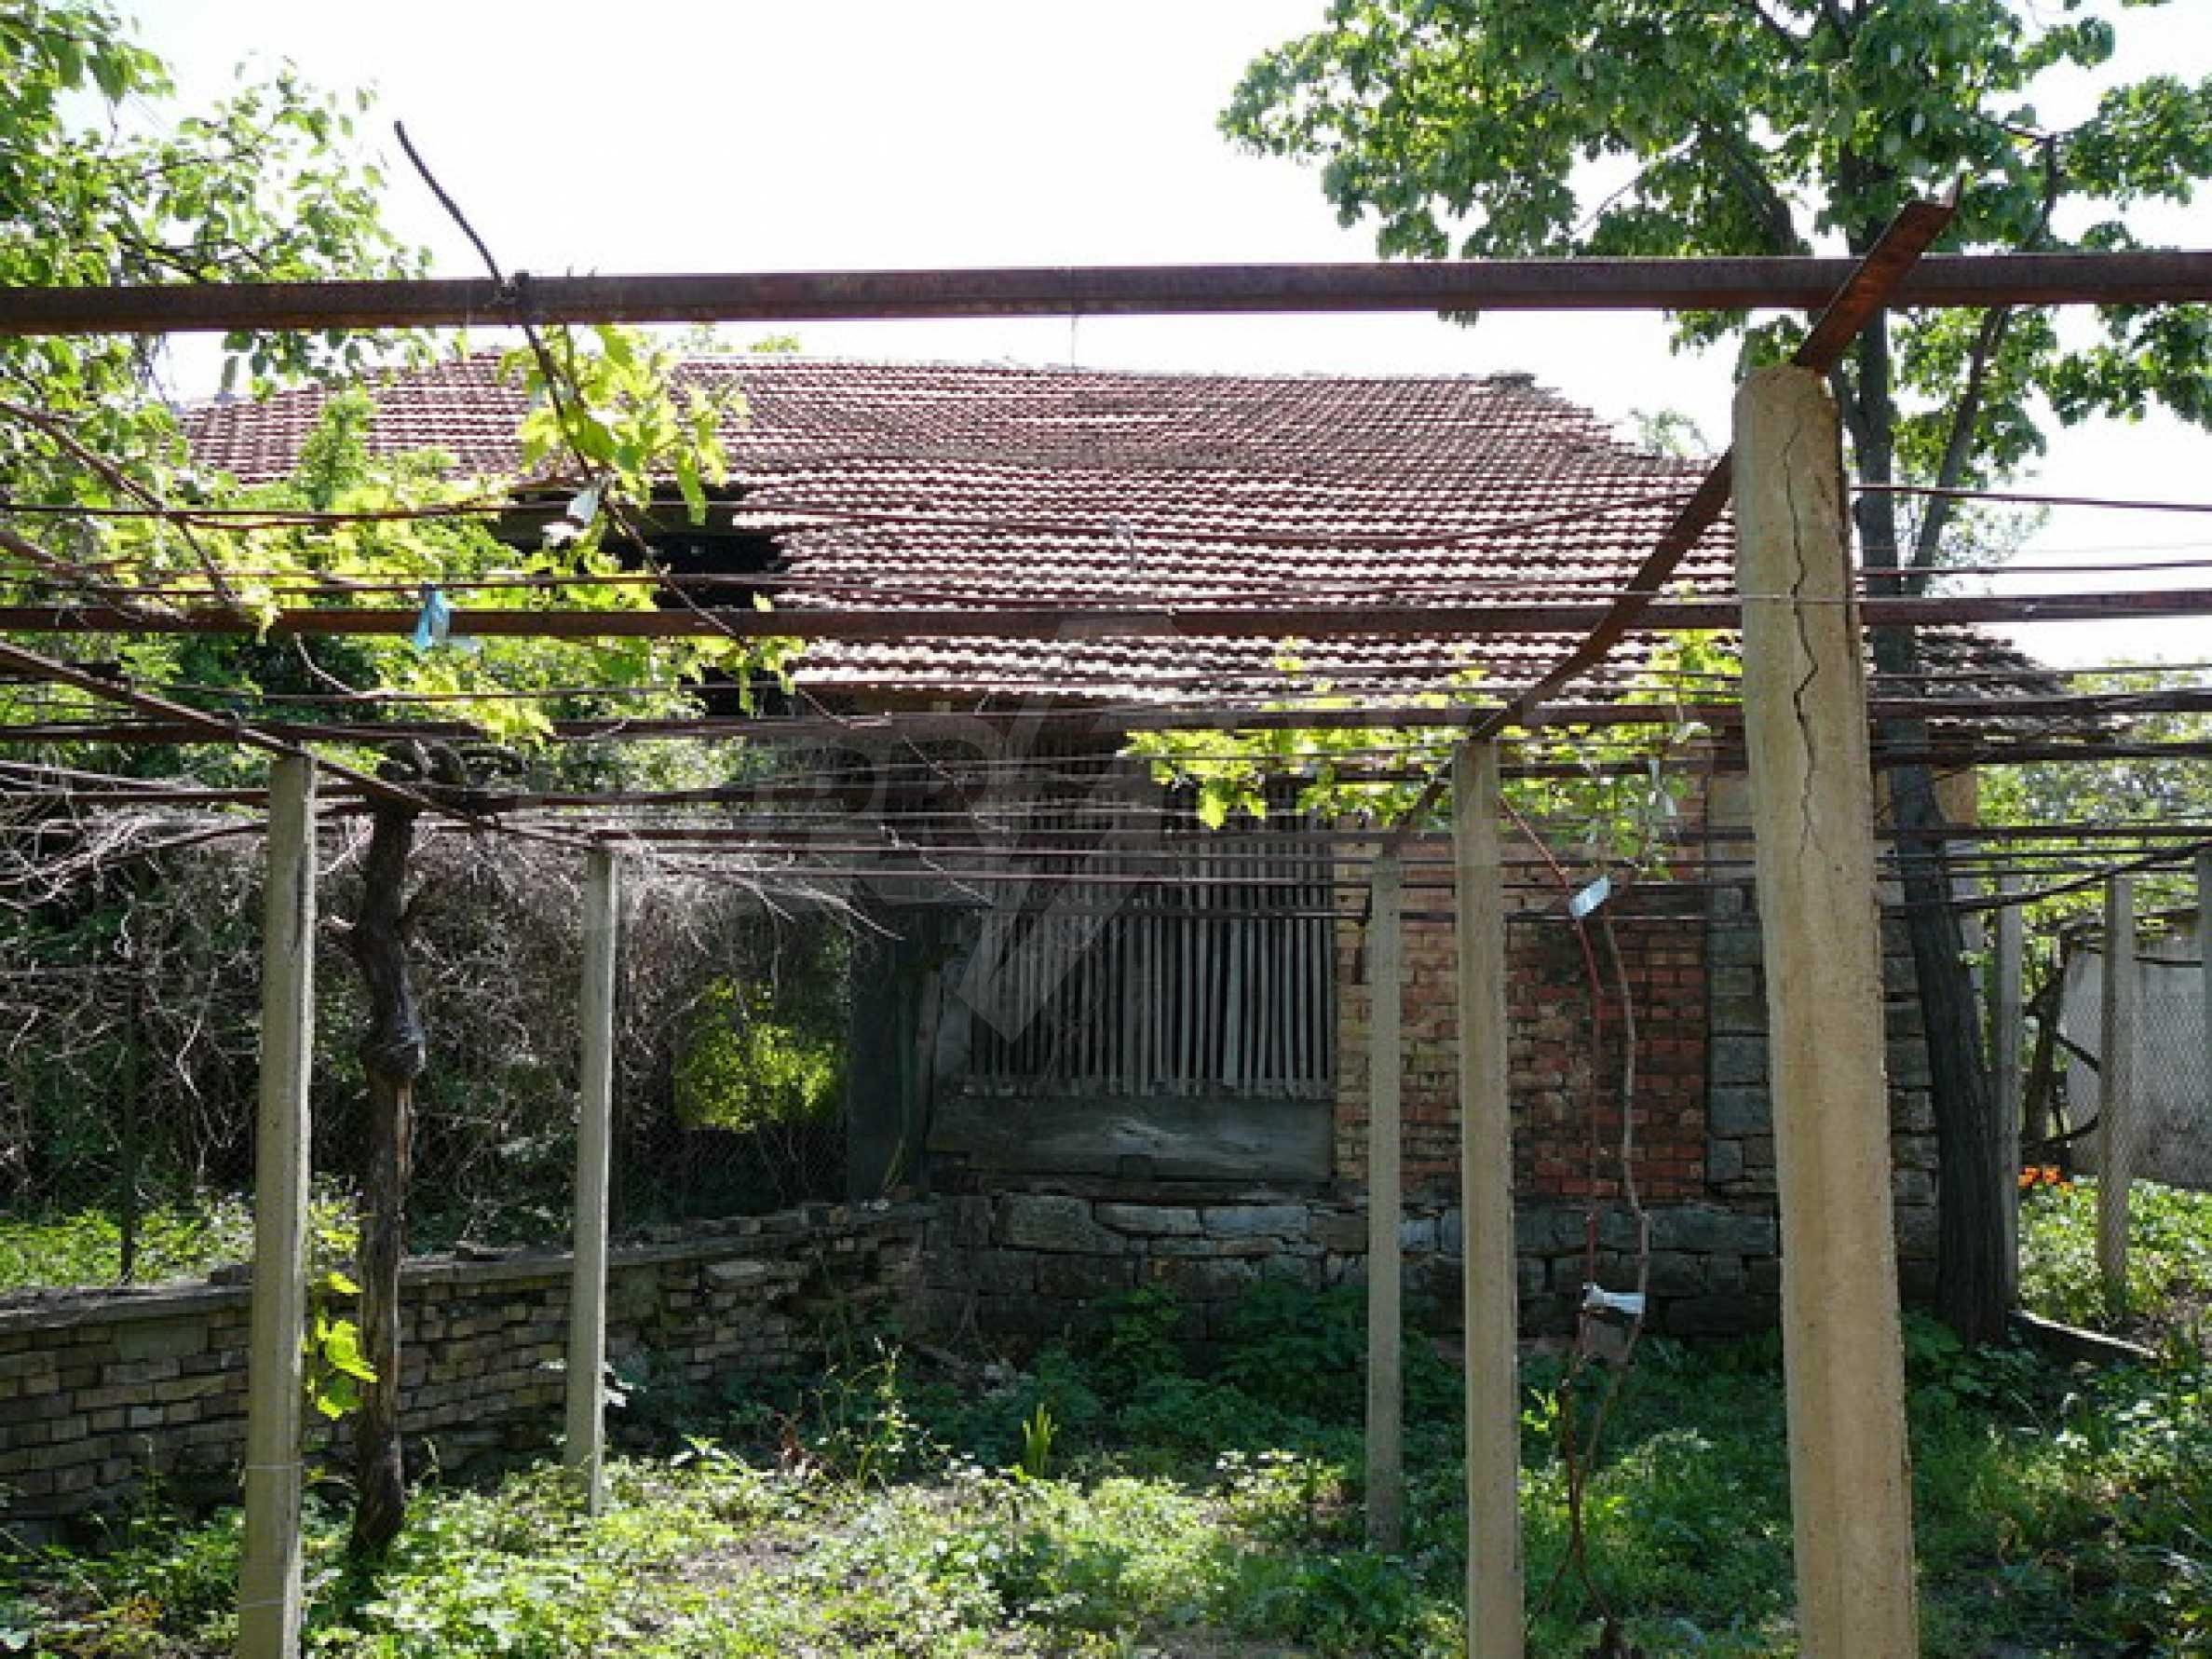 Къща за продажба близо до гр. Велико Търново 19